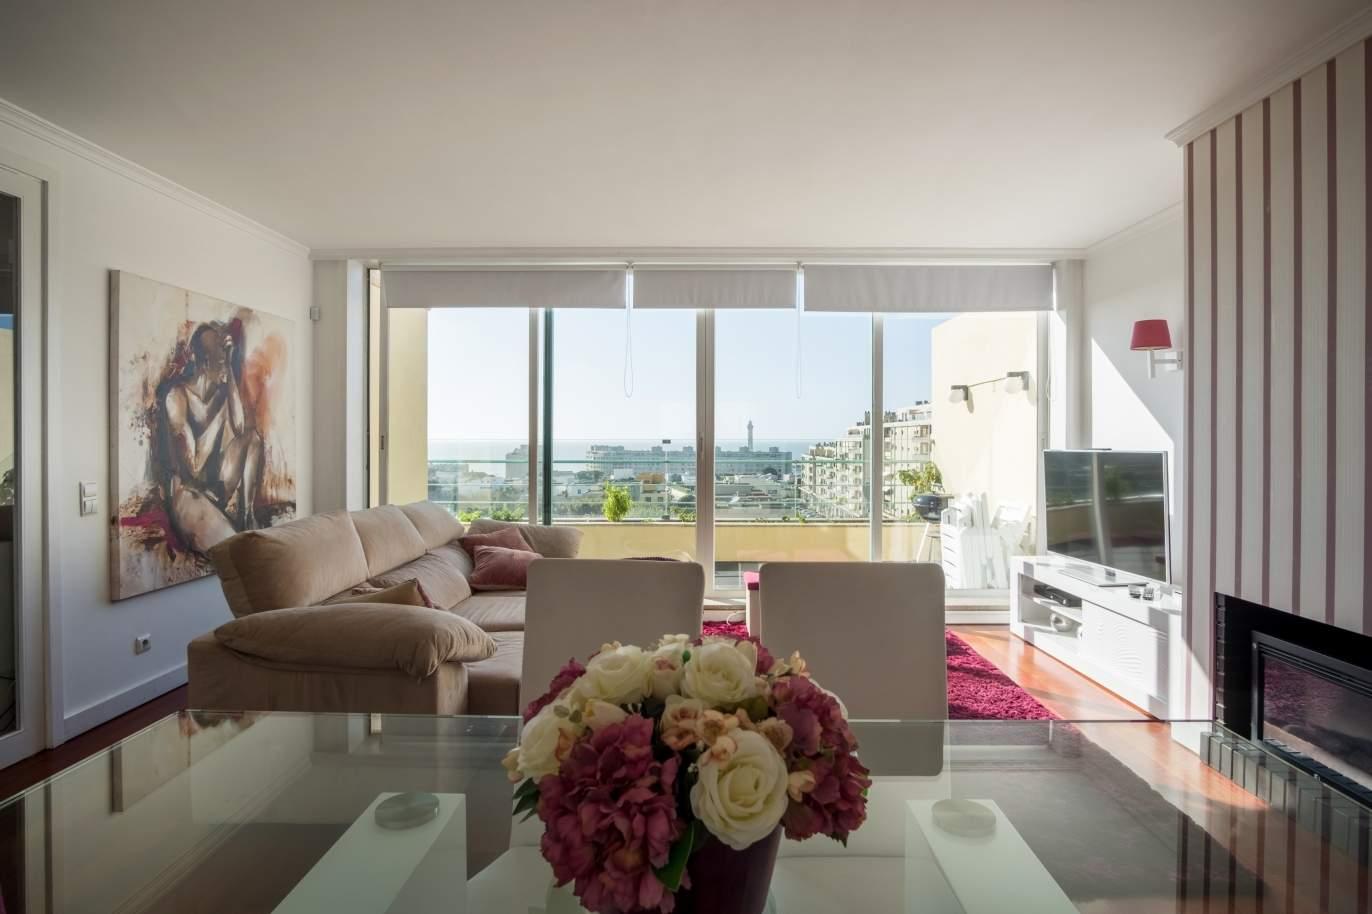 venda-de-penthouse-com-vistas-mar-leca-da-palmeira